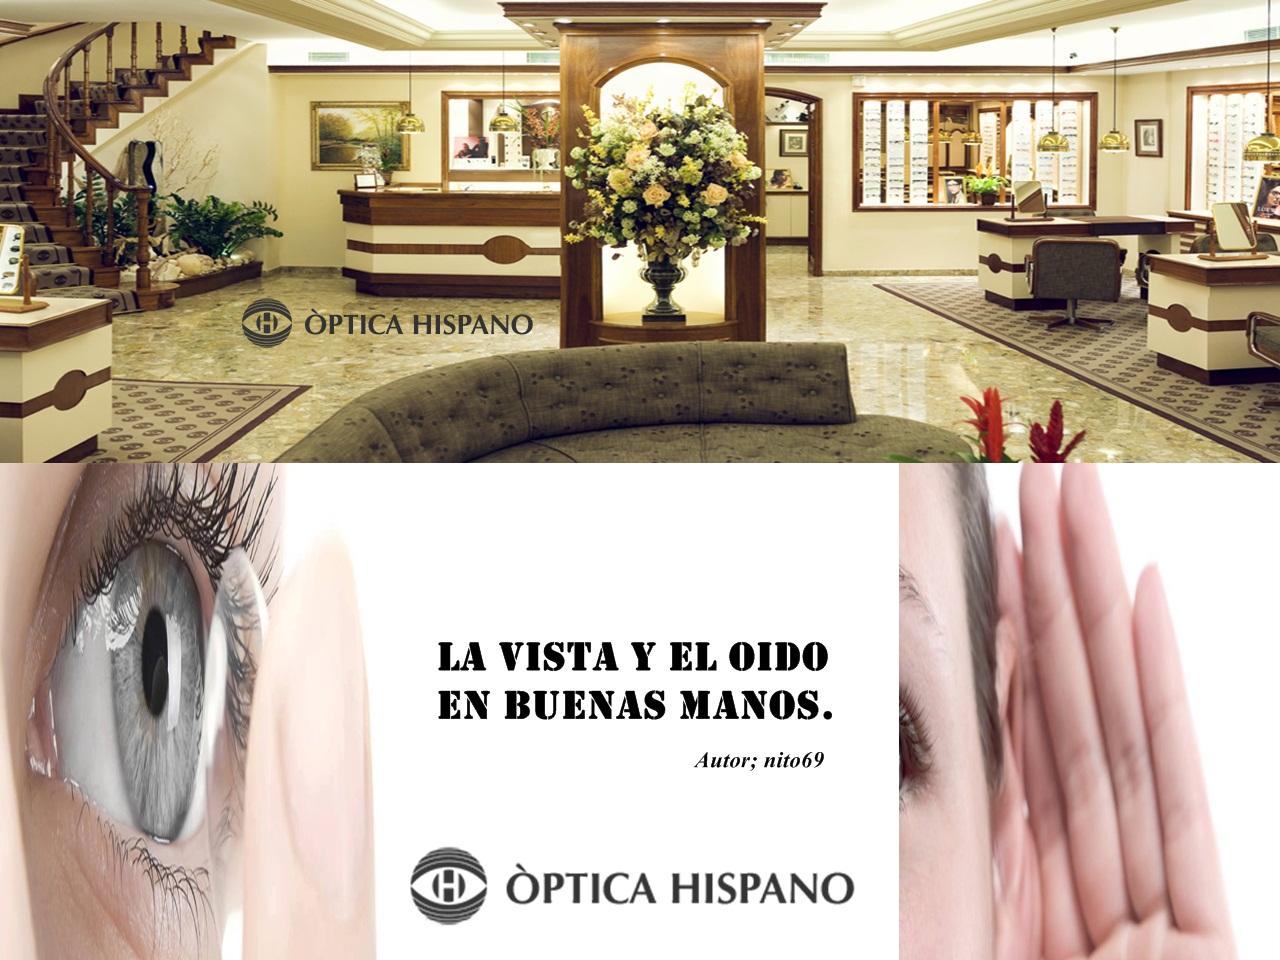 ÒPTICA HISPANO... LA VISTA Y EL OIDO EN BUENAS MANOS.